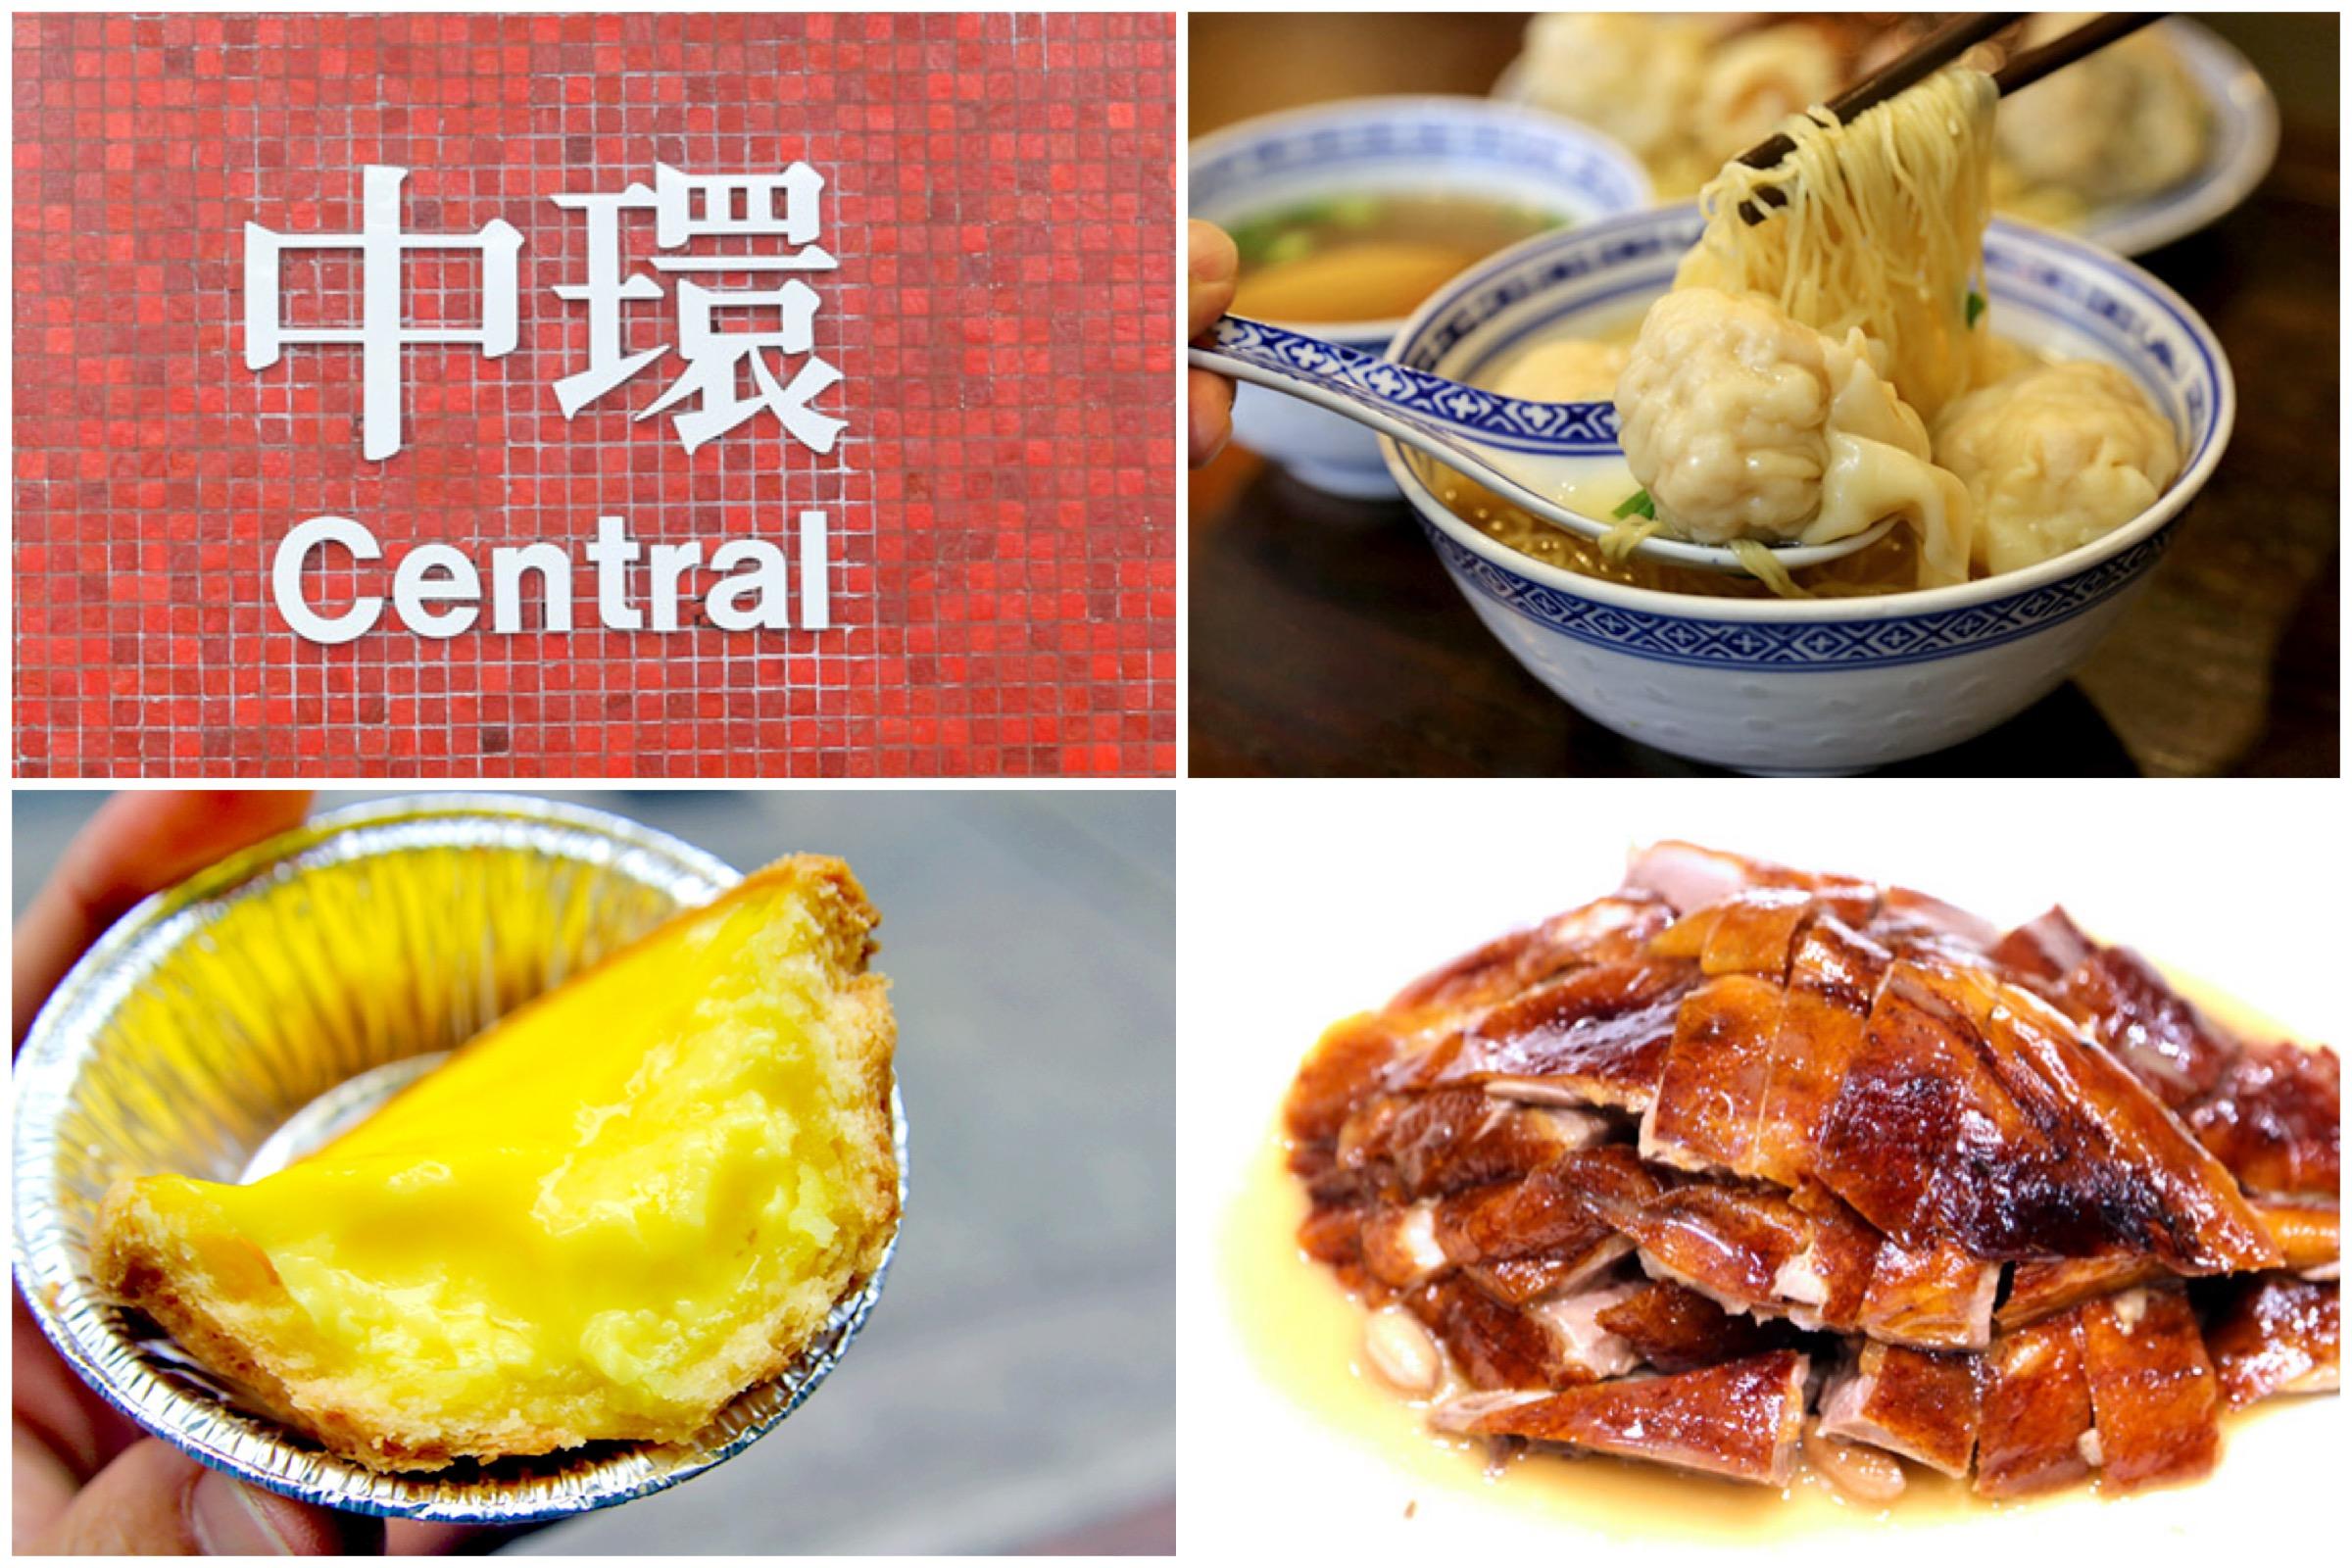 10 Best Food Places At Hong Kong Central 中環 - Kau Kee, Tsim Chai Kee, Tai Cheong Egg Tarts